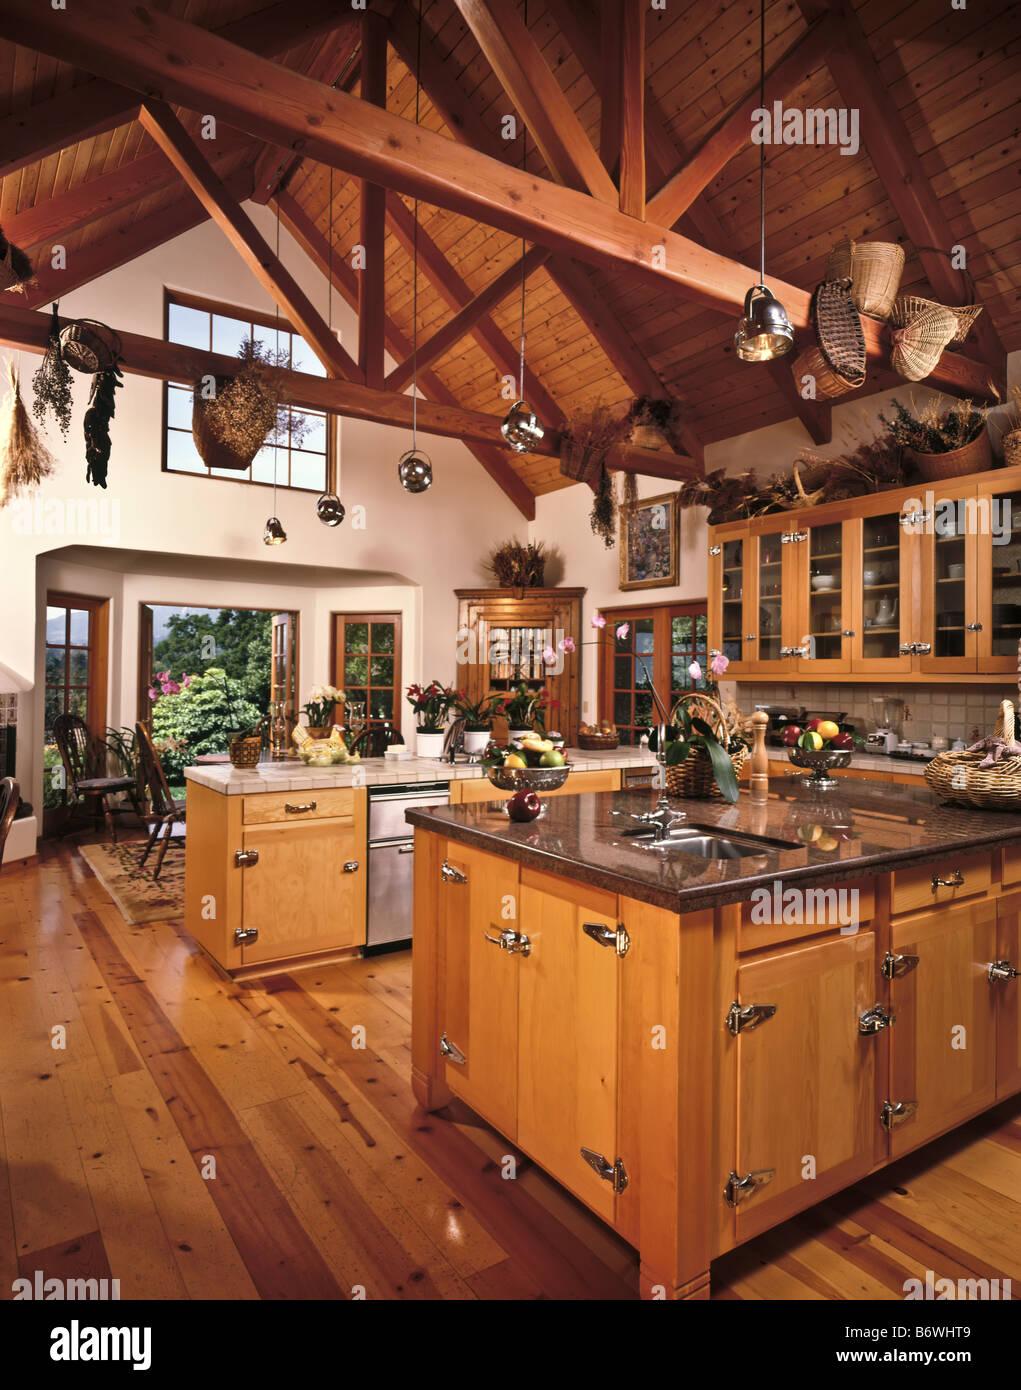 País, cocina, techos con vigas de madera armarios espaciosos isla ...